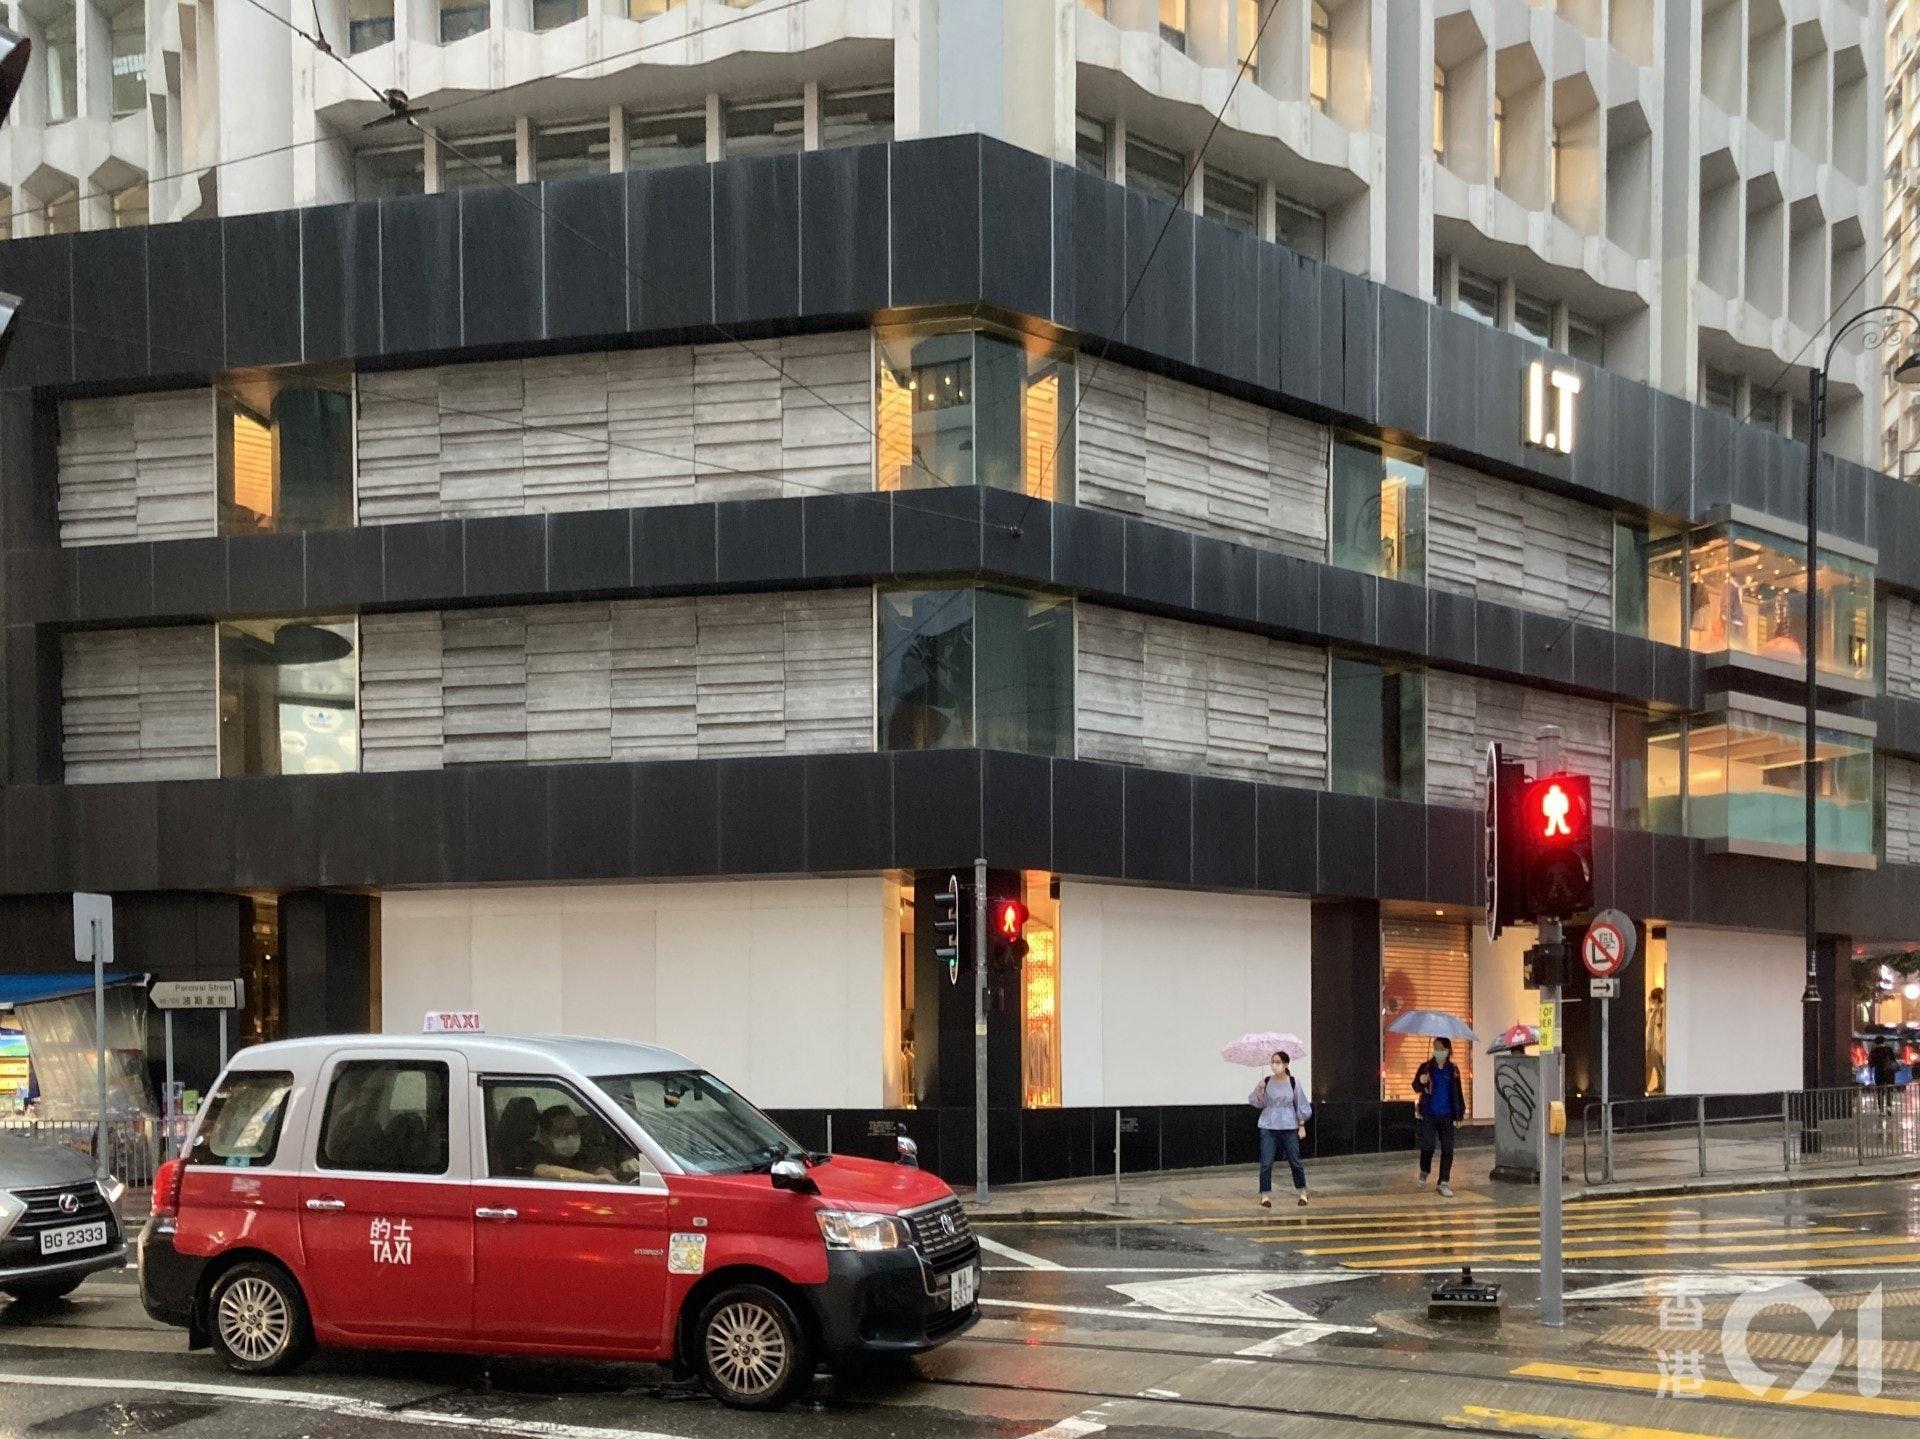 時裝零售商I.T.所屬的I.T APPARELS LIMITED,獲批約4,710萬元。(資料圖片)